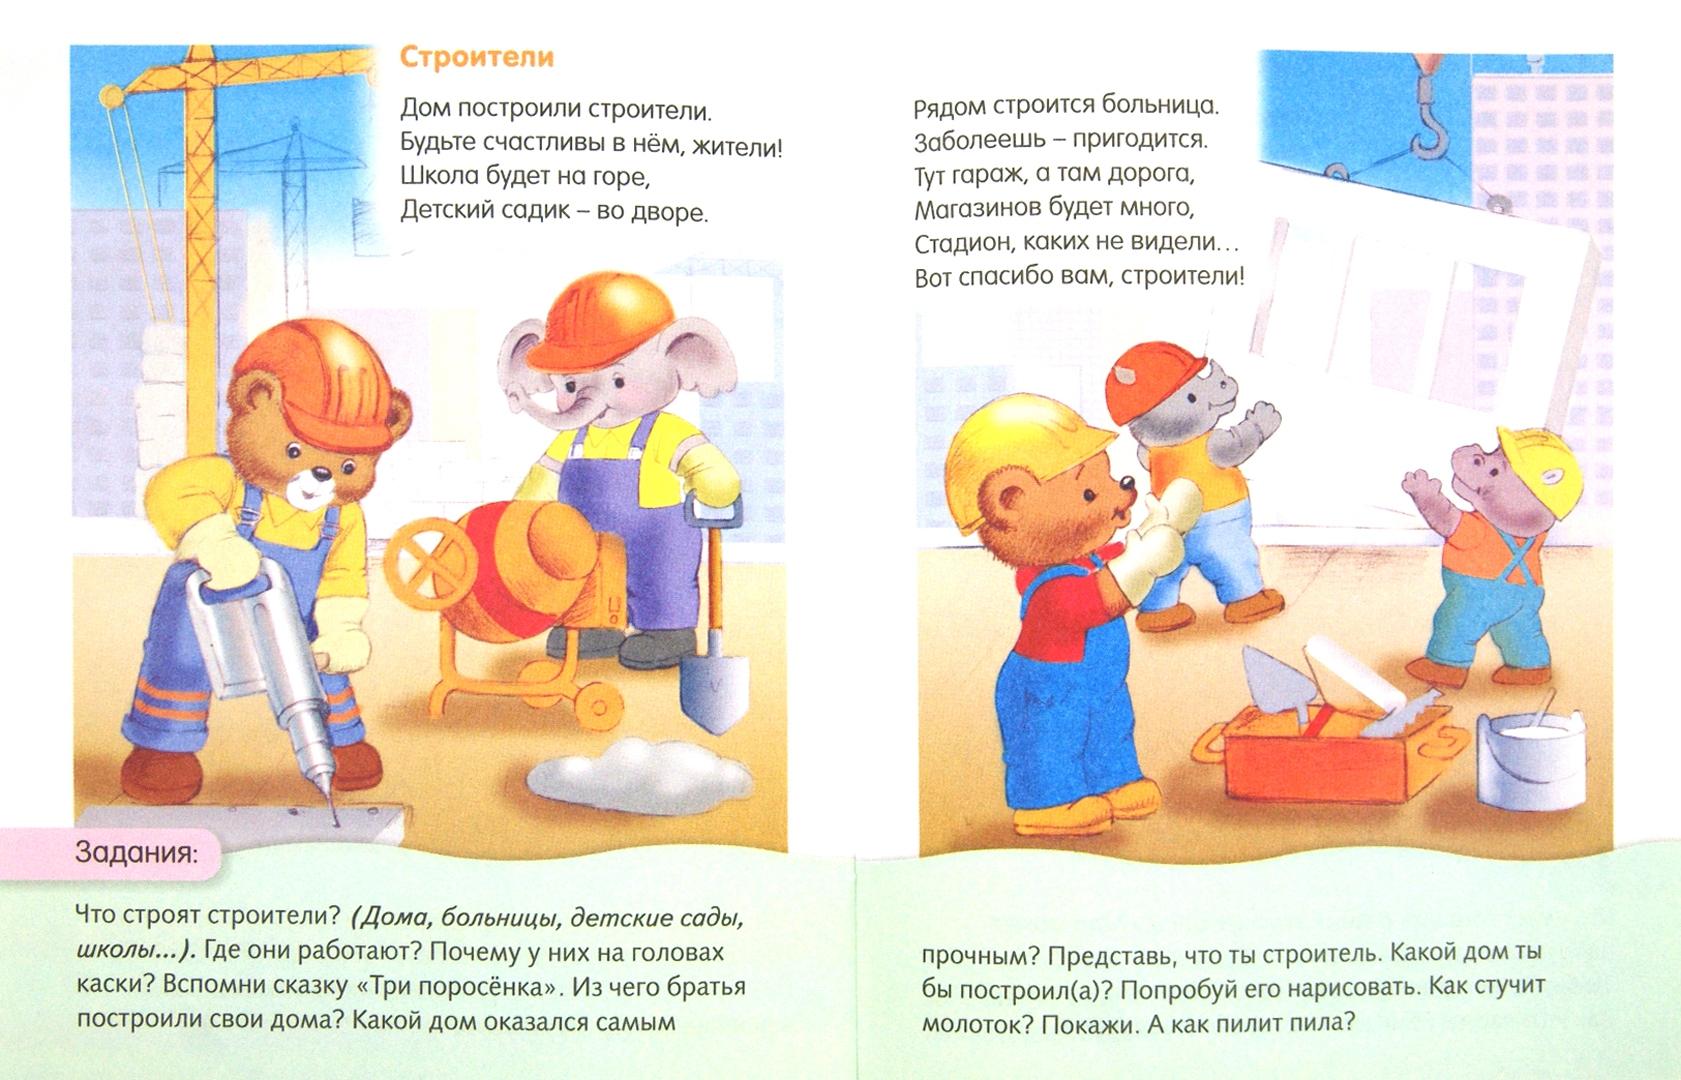 Иллюстрация 1 из 13 для О профессиях - Ольга Александрова | Лабиринт - книги. Источник: Лабиринт